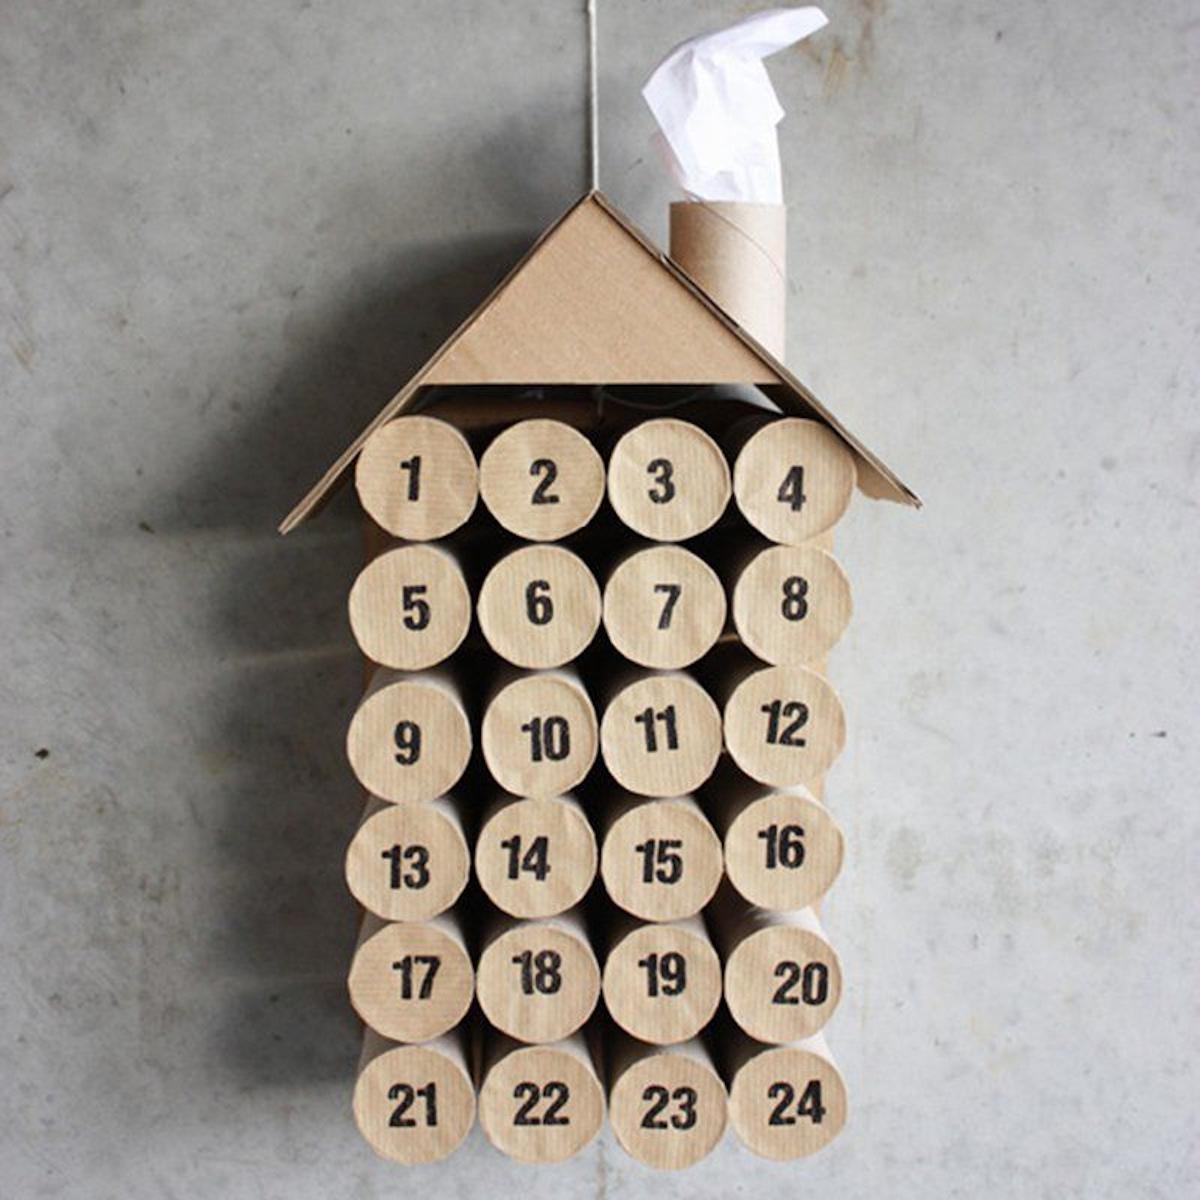 Calendriers de l'Avent faits maison pour les plus petits de la maison 7